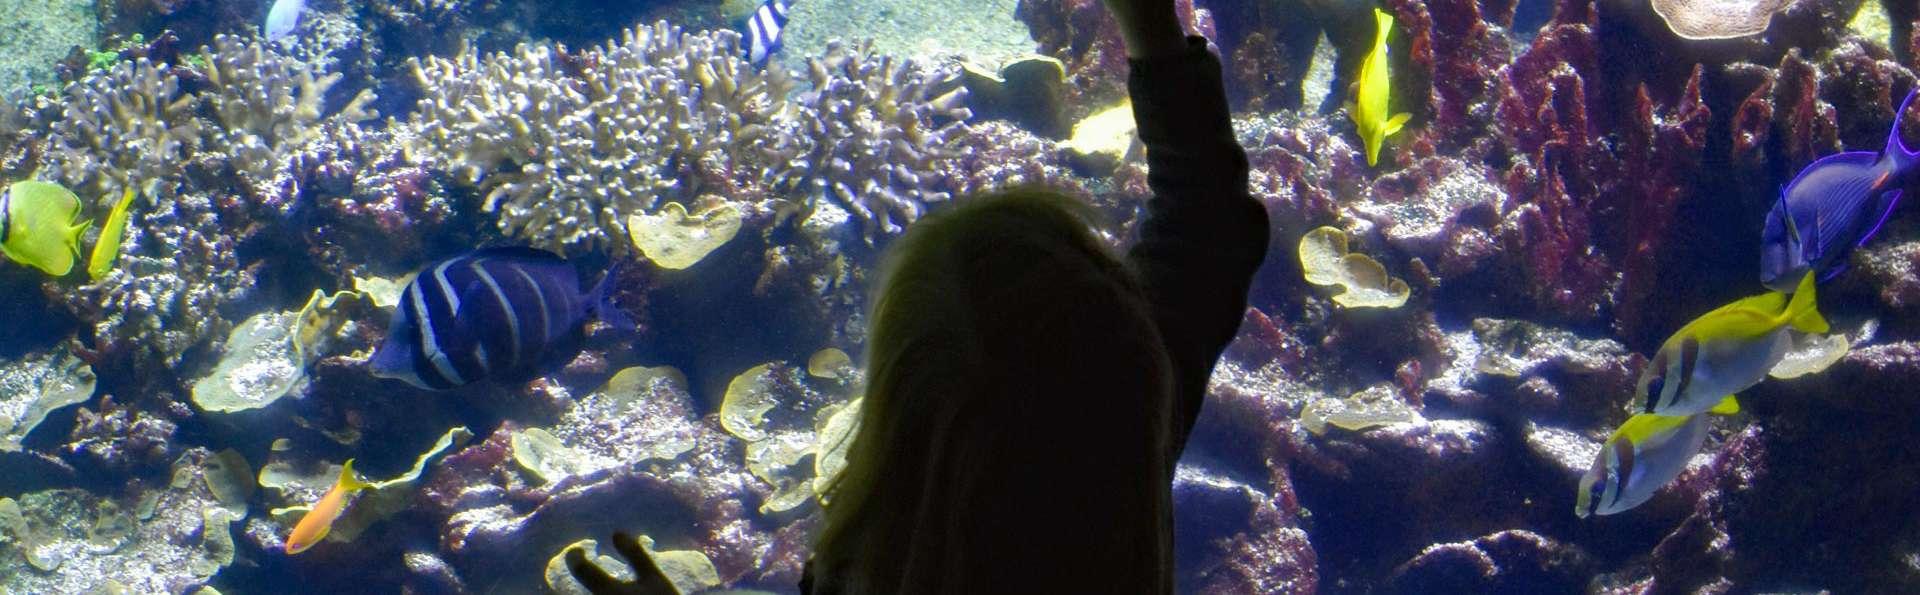 Week-end découverte avec entrée à l'Aquarium Nausicaa